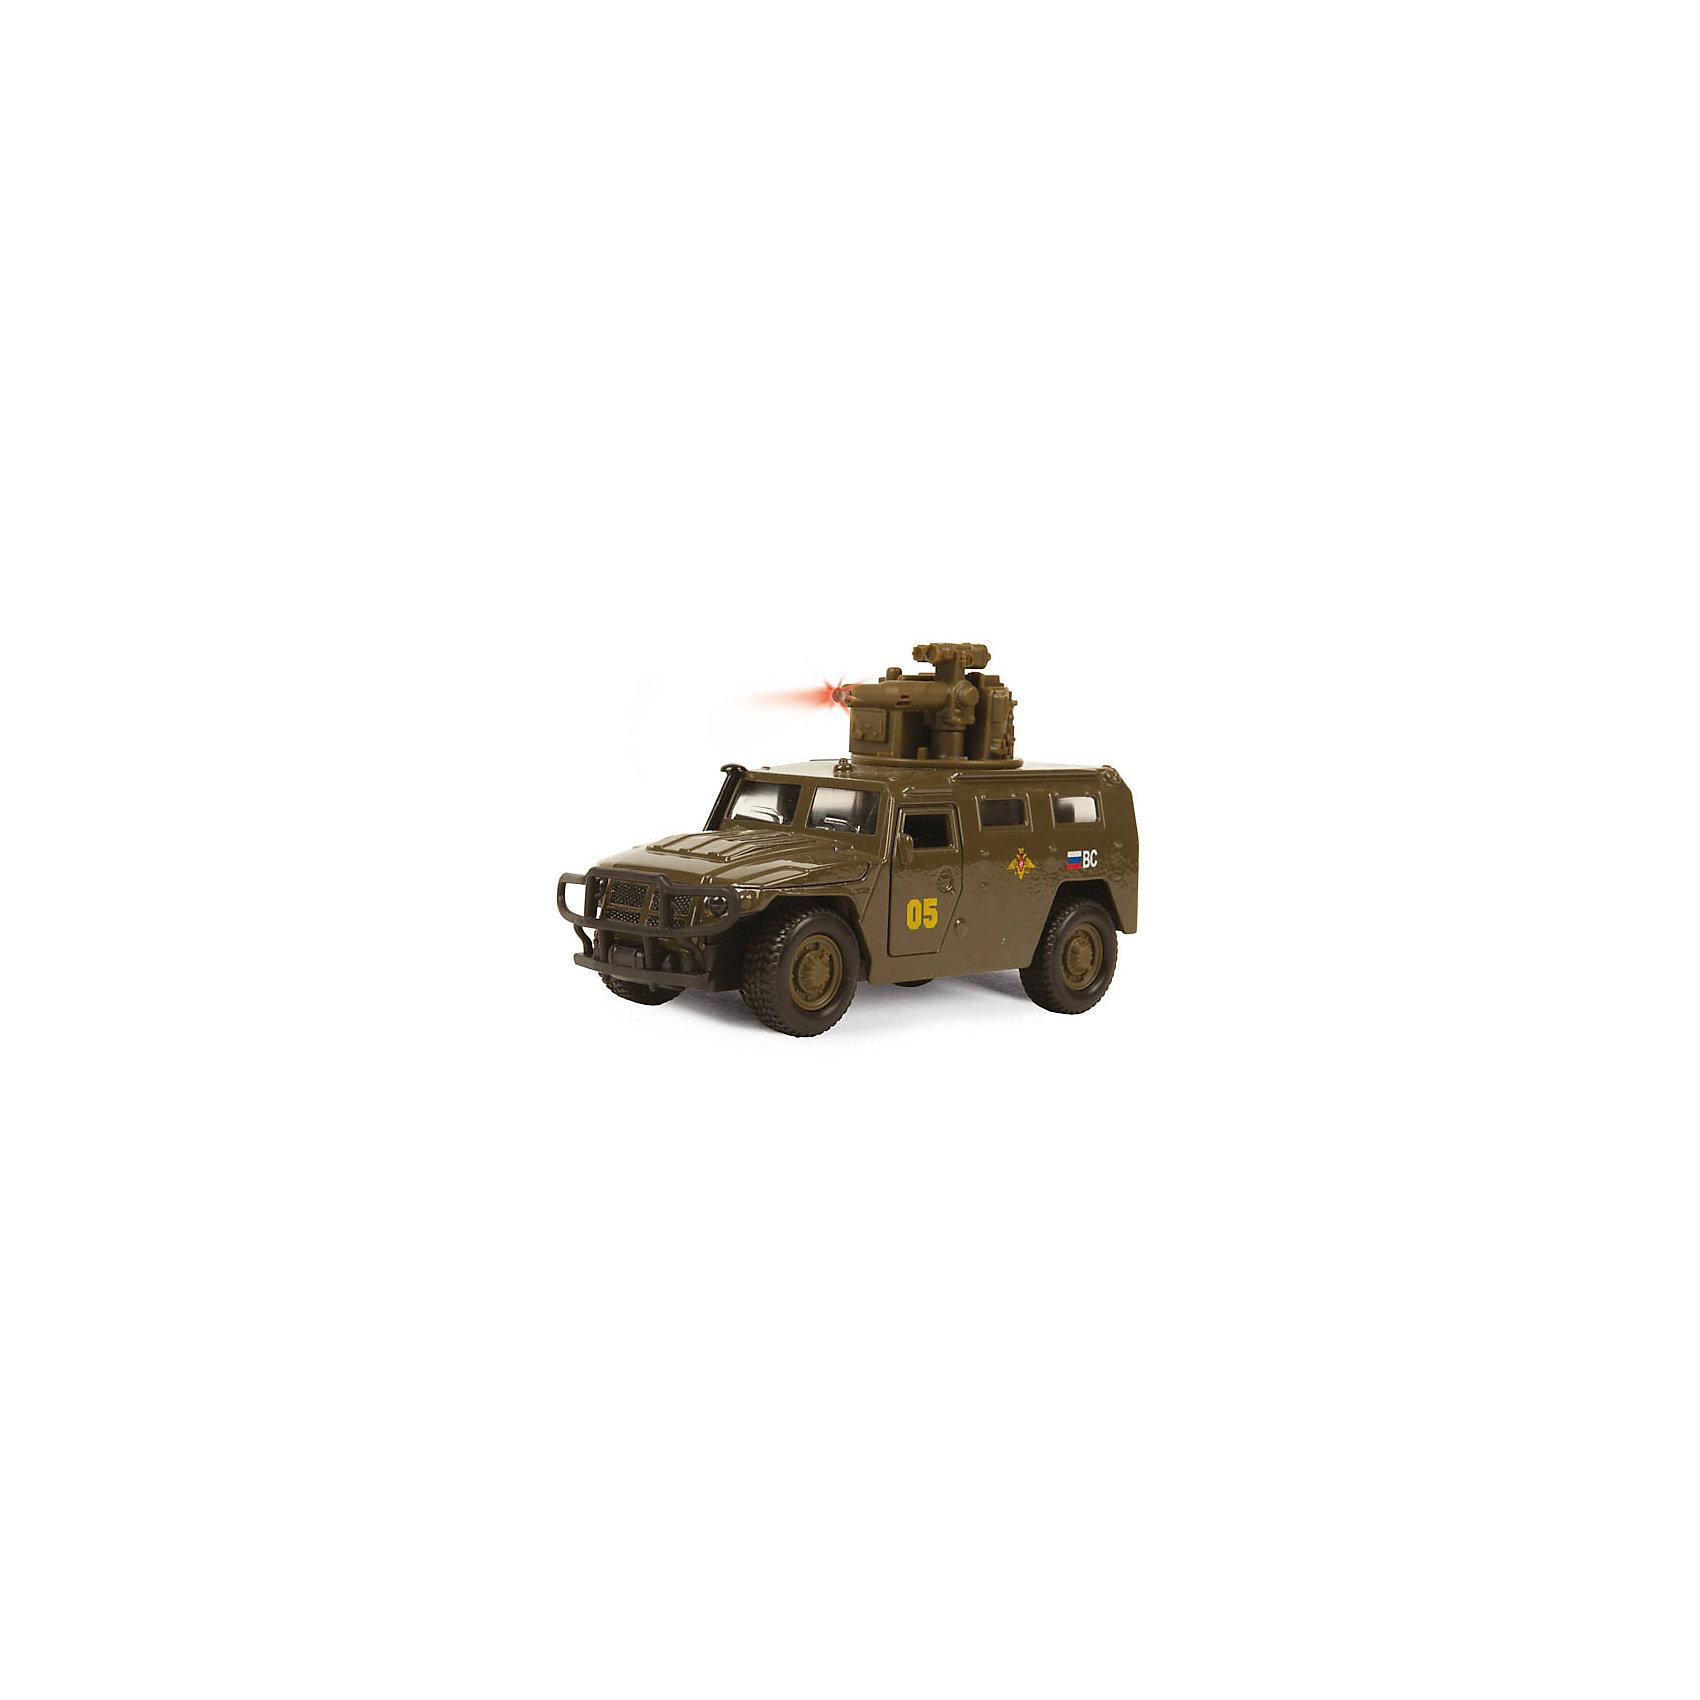 Машина ГАЗ ТИГР, 1:43, со светом и звуком, ТЕХНОПАРККоллекционные модели<br>Машина ГАЗ ТИГР, 1:43, со светом и звуком, ТЕХНОПАРК – это тщательно проработанная игровая и коллекционная модель.<br>Машинка ТехноПарк ГАЗ Тигр, выполненная из металла и пластика, станет любимой игрушкой вашего малыша. Игрушка представляет собой военный внедорожник ГАЗ Тигр, оснащенный открывающимися дверьми и капотом, а также вращающейся башней с пушкой. При нажатии кнопки на пушке кончик дула начинает светиться, при этом слышны звуки стрельбы и команды Огонь! В атаку!. Ваш ребенок будет часами играть с этой машинкой, придумывая различные истории. Порадуйте его таким замечательным подарком! Модель можно использовать как для игры, так и для коллекционирования.<br><br>Дополнительная информация:<br><br>- Масштаб: 1:43<br>- Материал: металл, пластик<br>- Работает от батареек<br>- Размер упаковки: 19х15х7см.<br>- Вес: 300 гр.<br><br>Машину ГАЗ ТИГР, 1:43, со светом и звуком, ТЕХНОПАРК можно купить в нашем интернет-магазине.<br><br>Ширина мм: 190<br>Глубина мм: 70<br>Высота мм: 160<br>Вес г: 300<br>Возраст от месяцев: 36<br>Возраст до месяцев: 120<br>Пол: Мужской<br>Возраст: Детский<br>SKU: 4077255